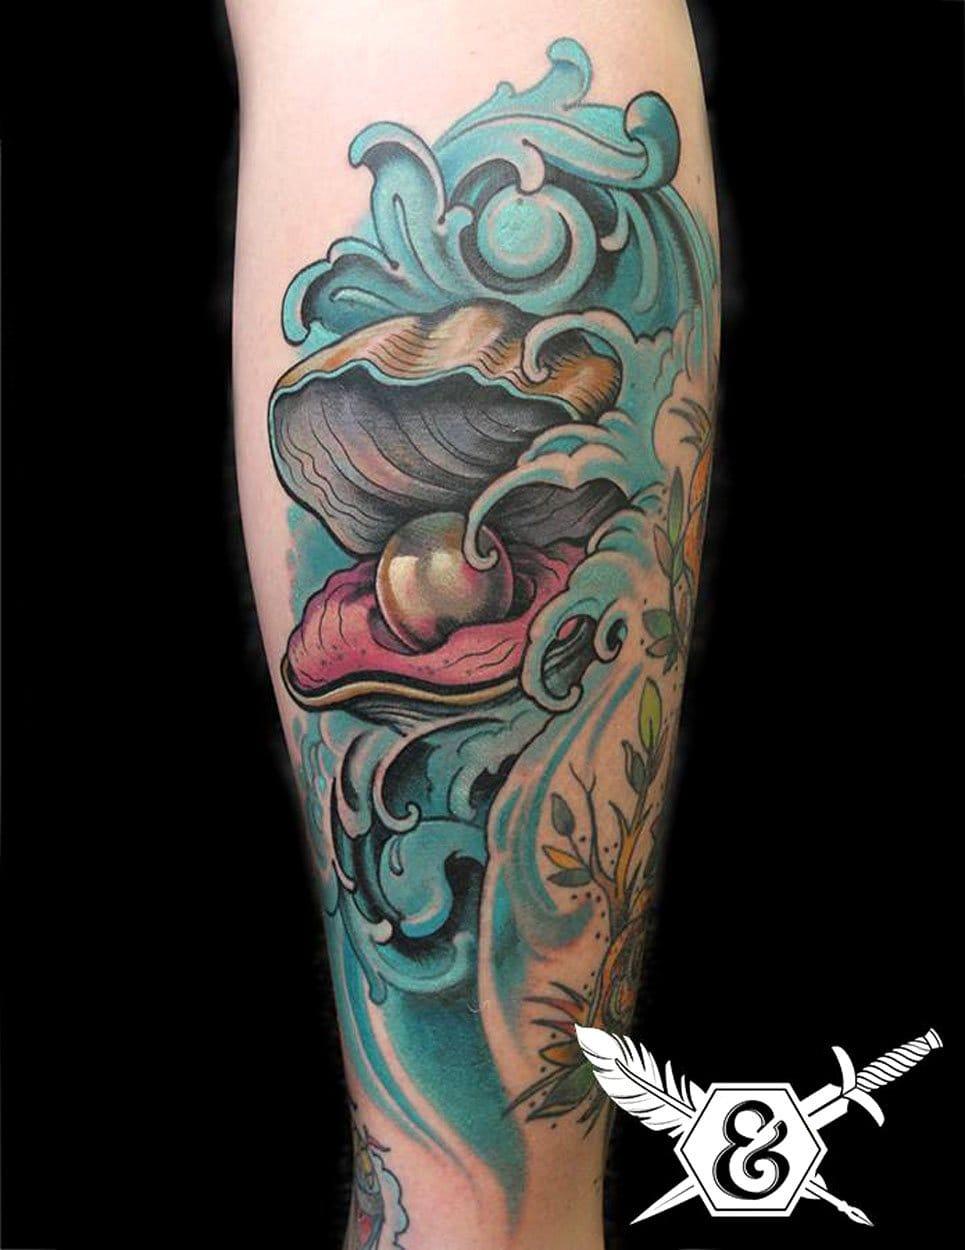 Cool piece by Russ Abbott.